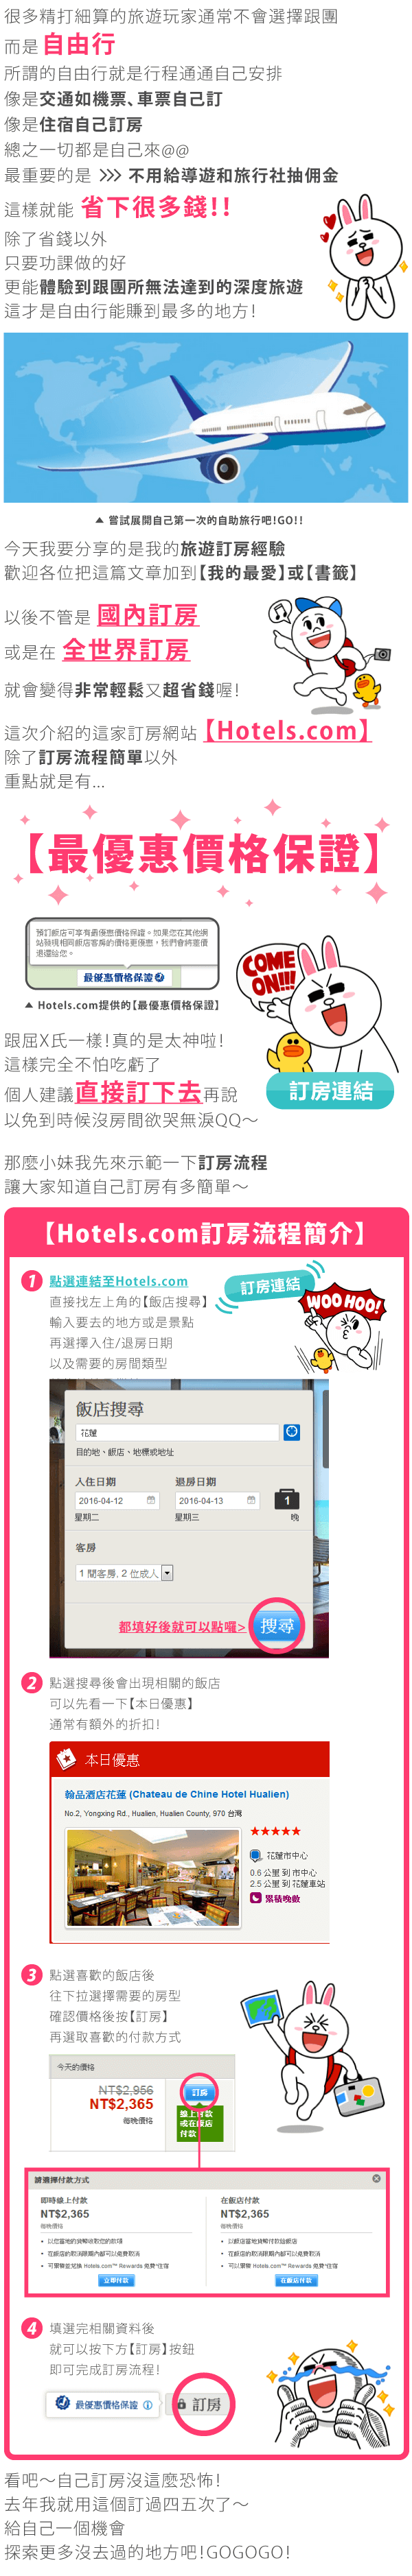 Hotels.com介紹